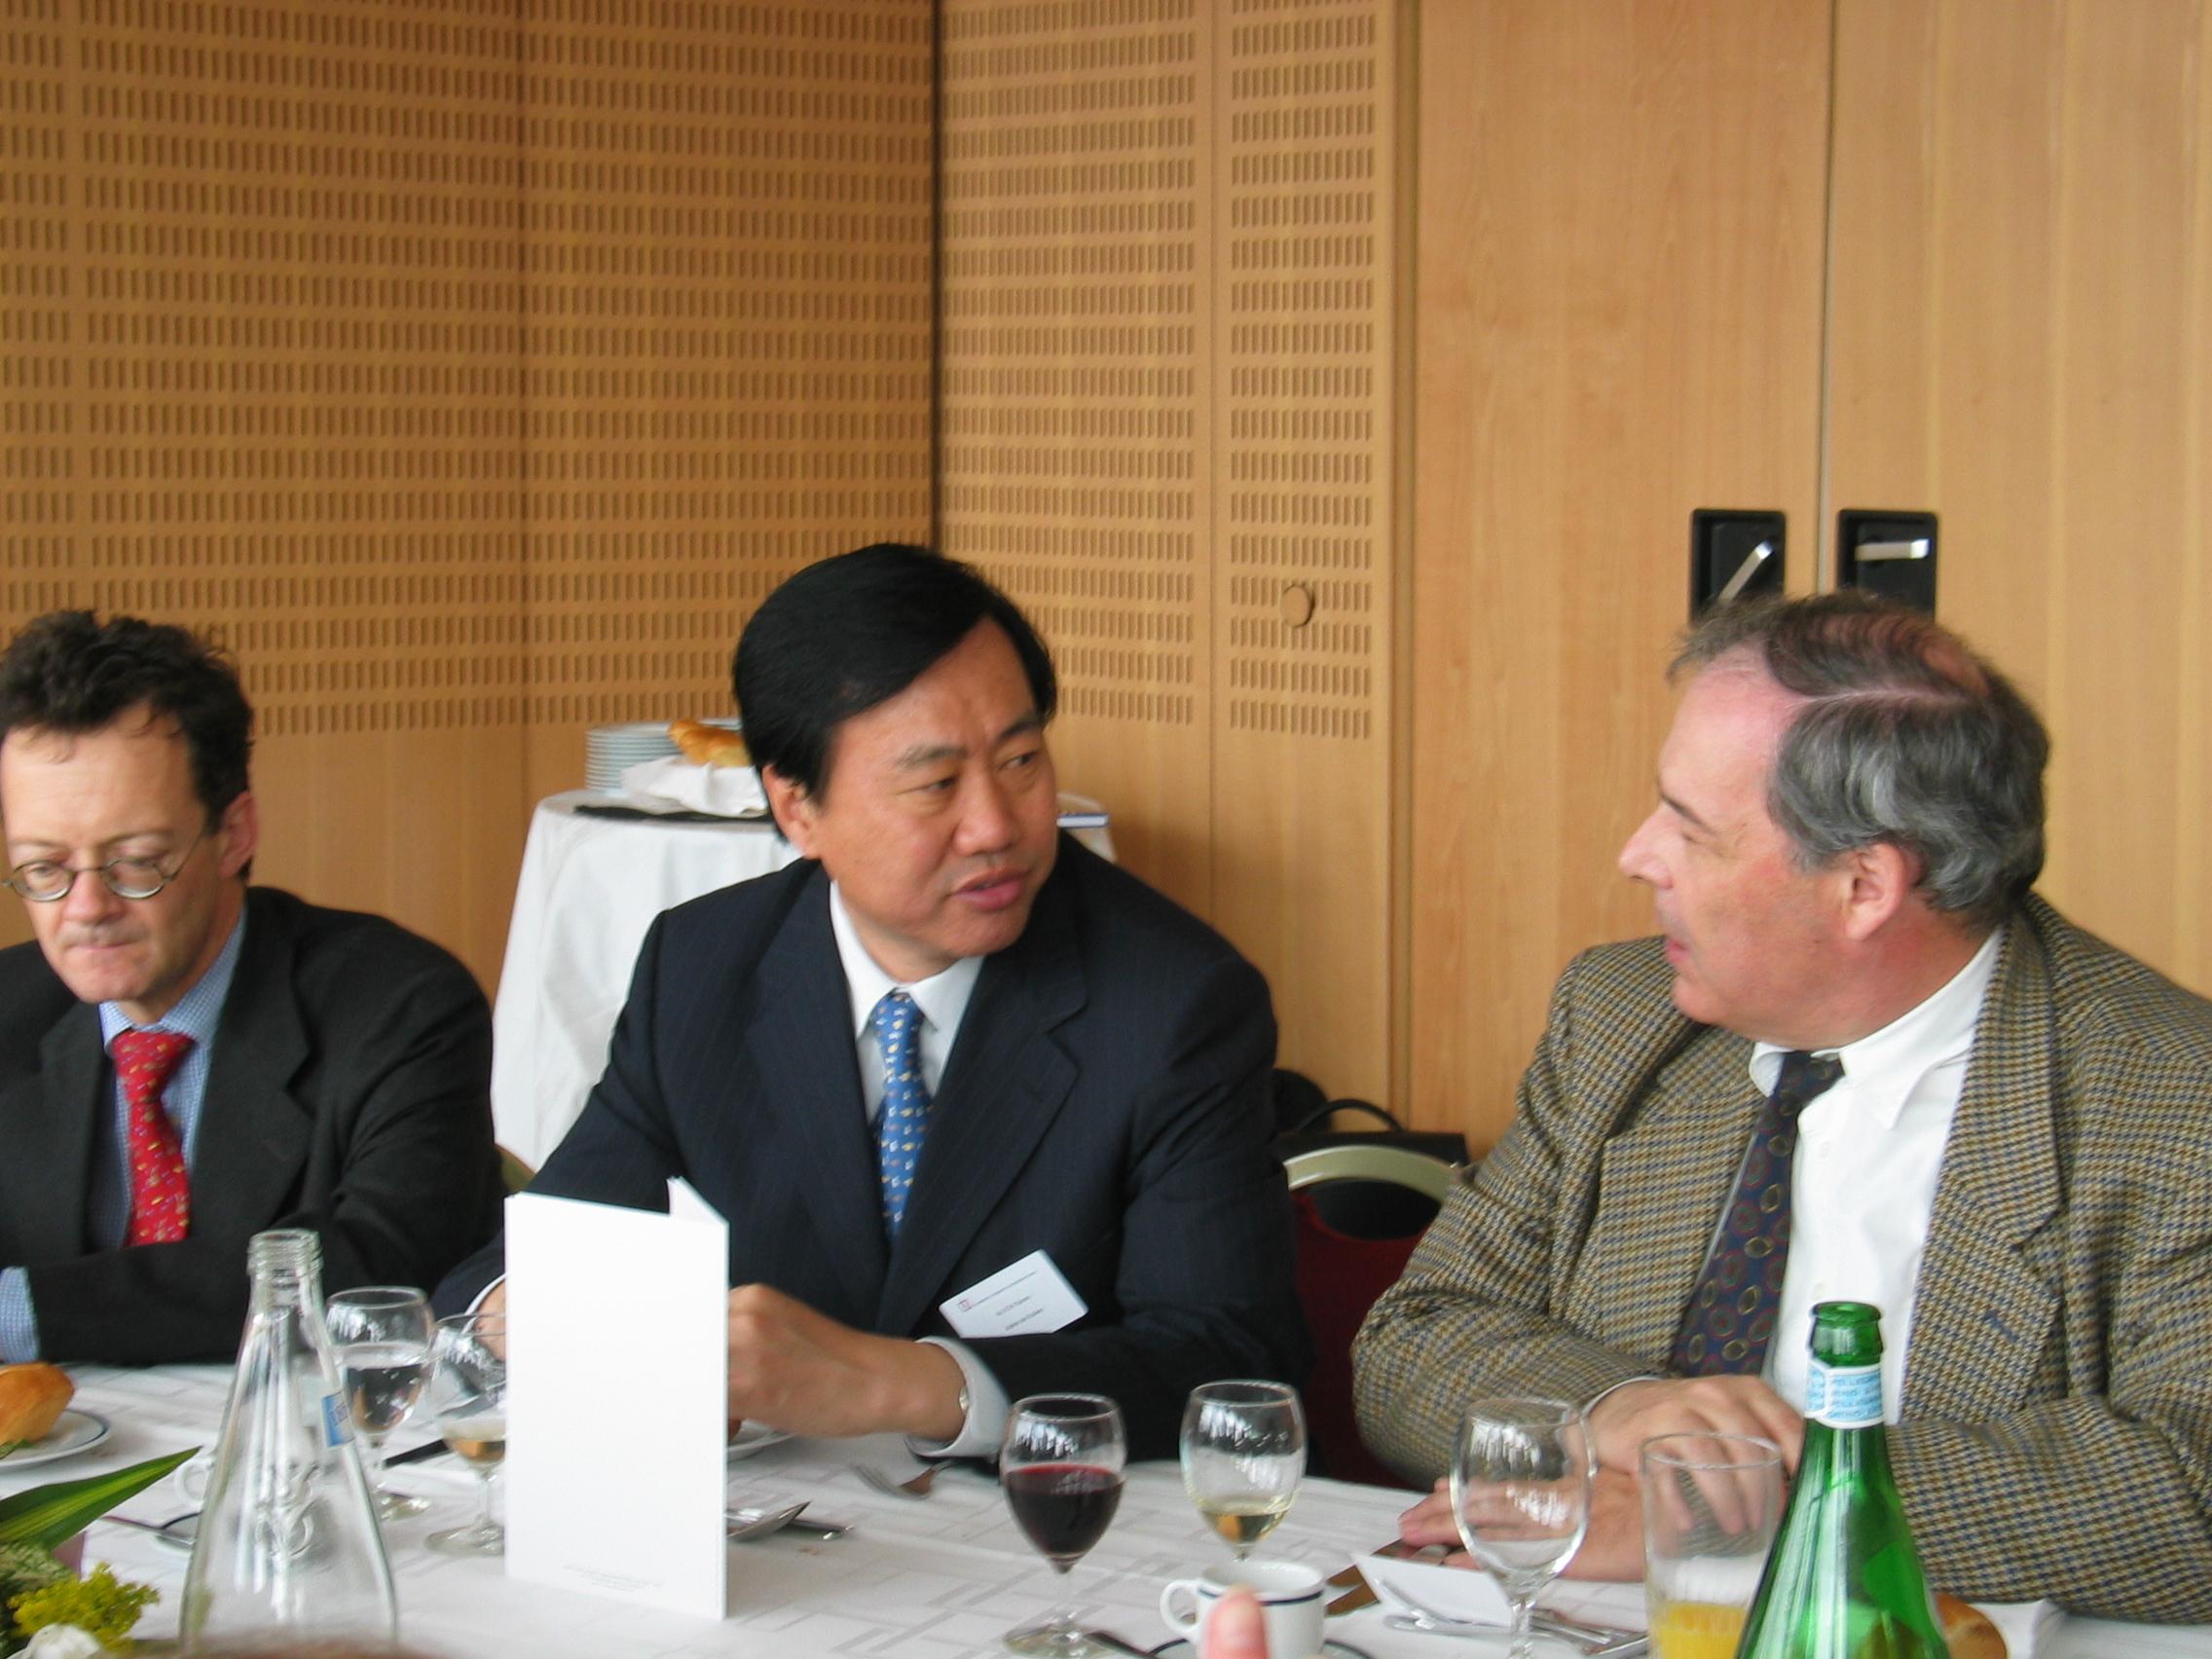 Maire Dalian CCIP